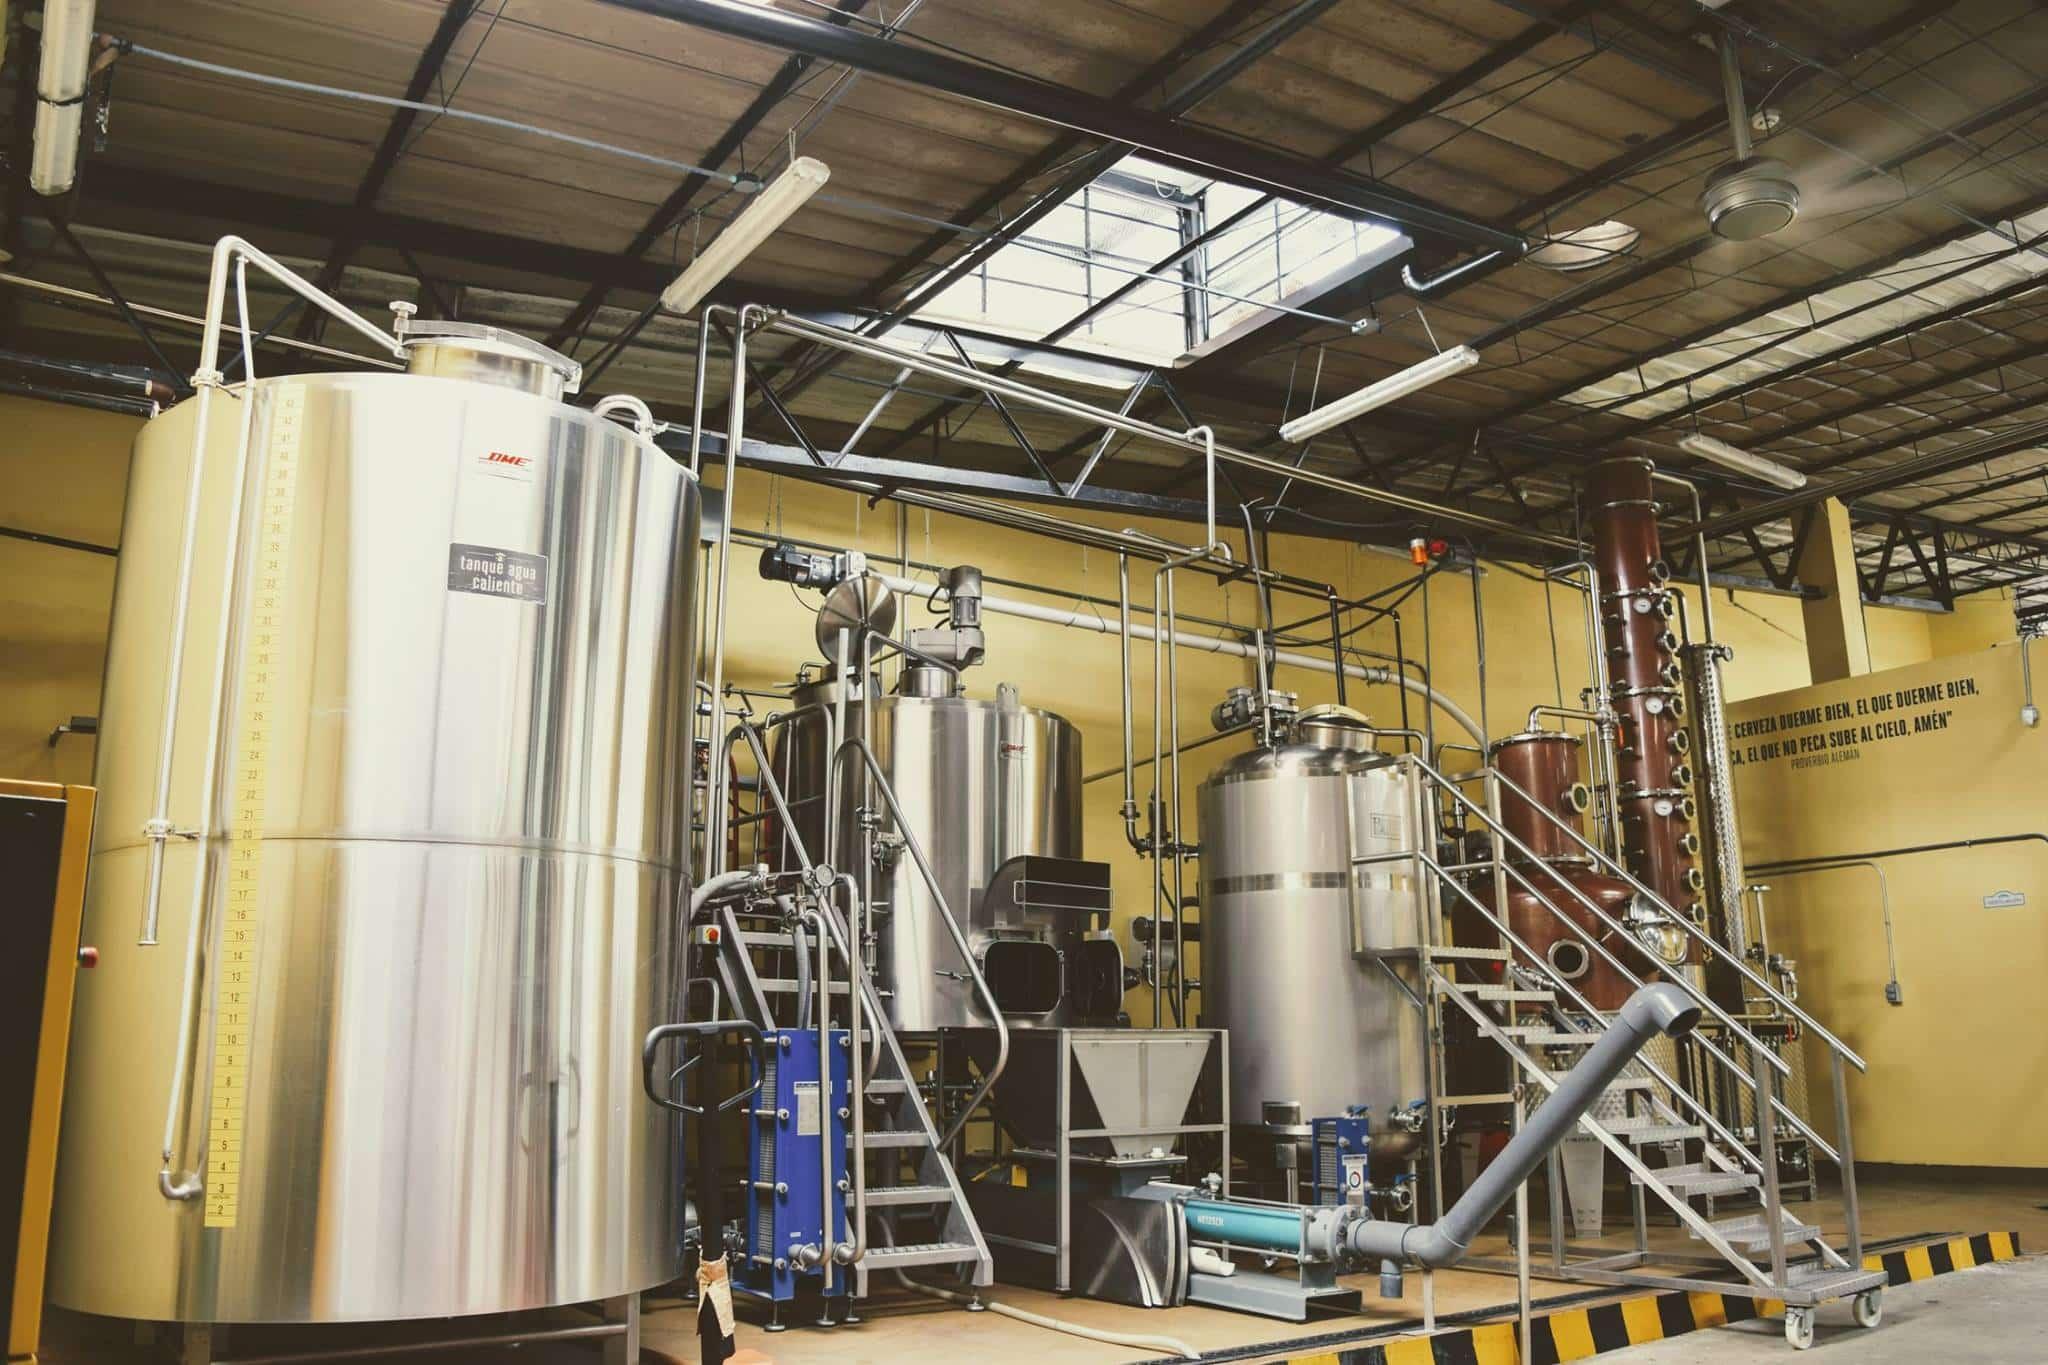 la rana dorada has its brewery in la loceria